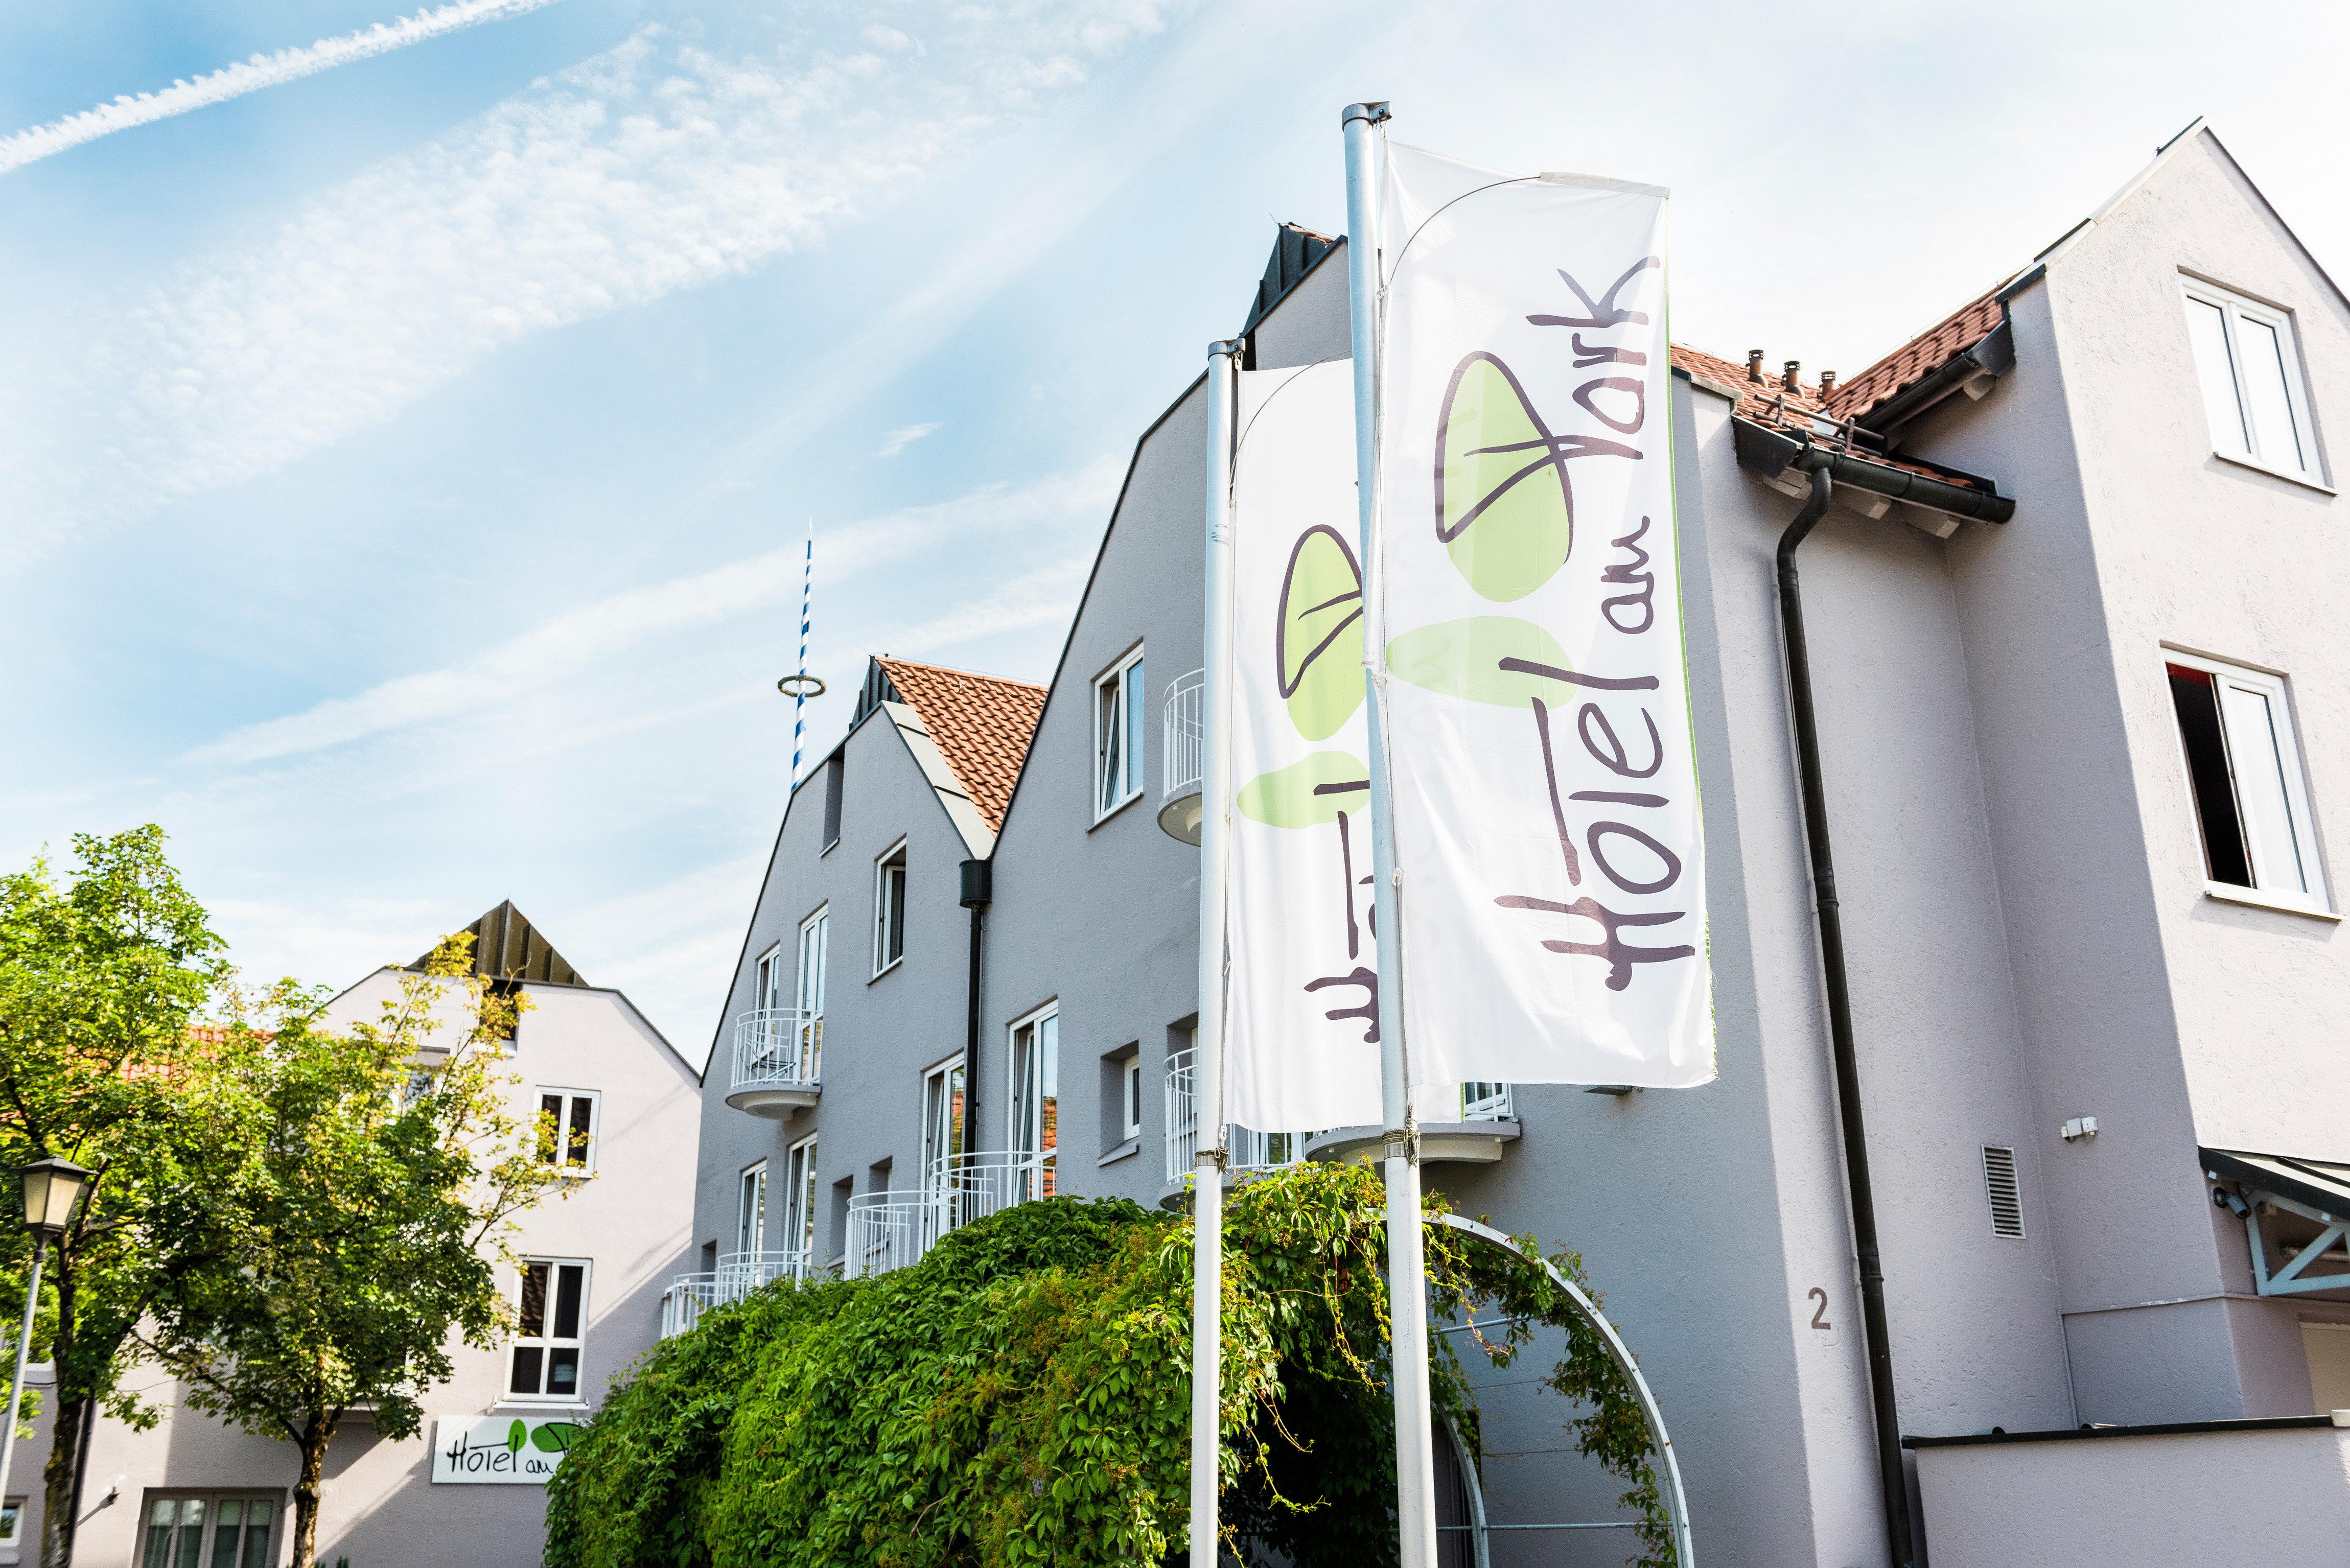 Hotel Wien Spittelberg Gunstig Mit Hrs Buchen